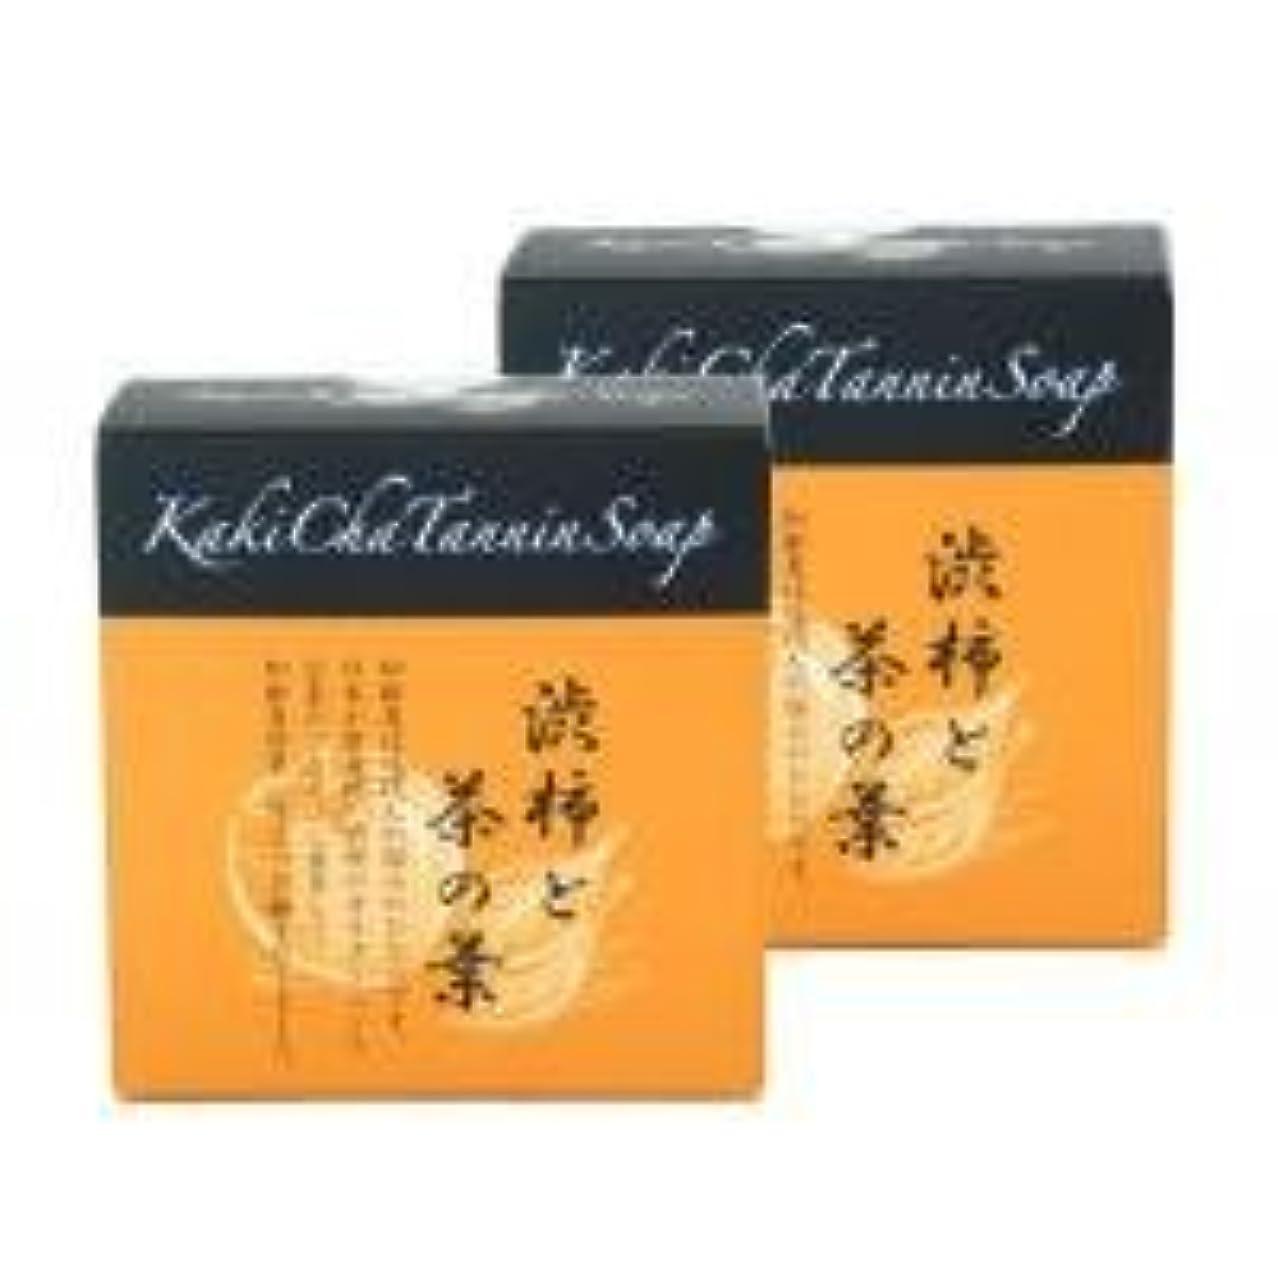 擬人持っている歌詞柿茶タンニンソープ(100g)×2個 K00024W